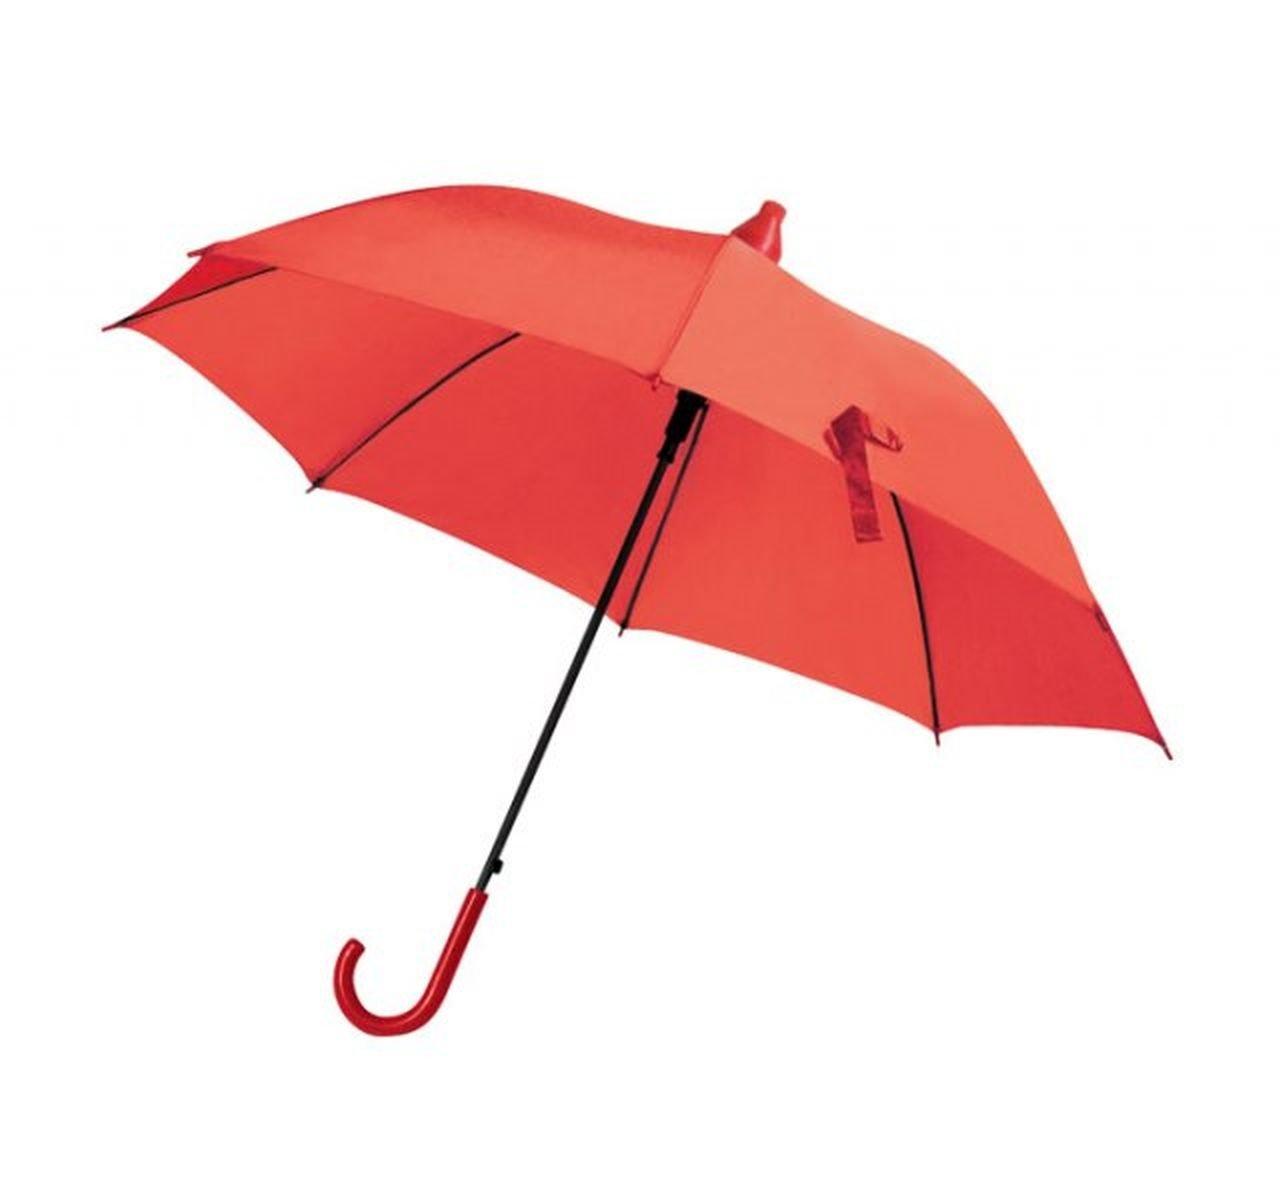 Ten Ombrello rosso con salvagoccia automatico - cod. EL21007 - Lun.103 cm - Lar.103 cm - Alt.85 cm - Ø103 cm by Varotto & Co.